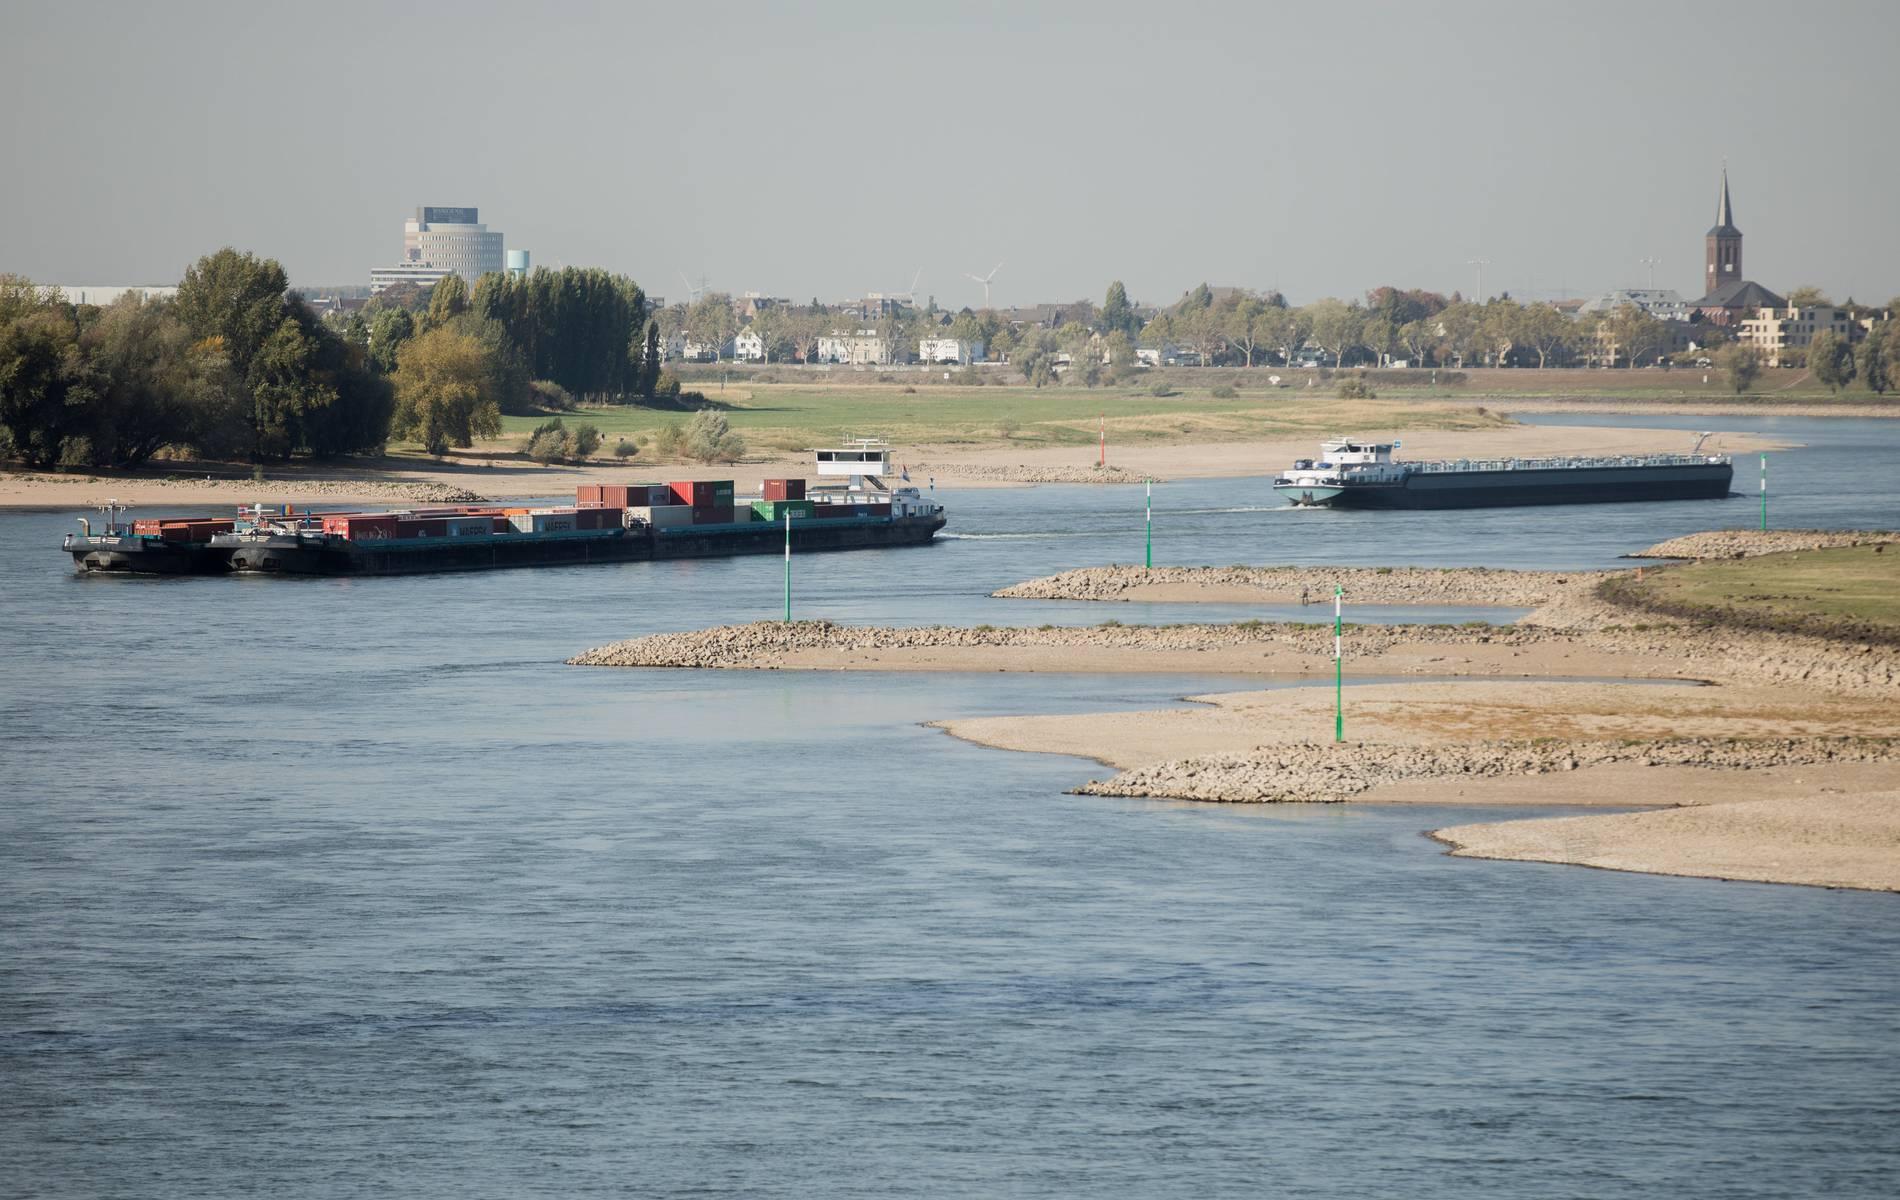 Bund erlaubt Rheinland-Pfalz Zugriff auf Ölreserve